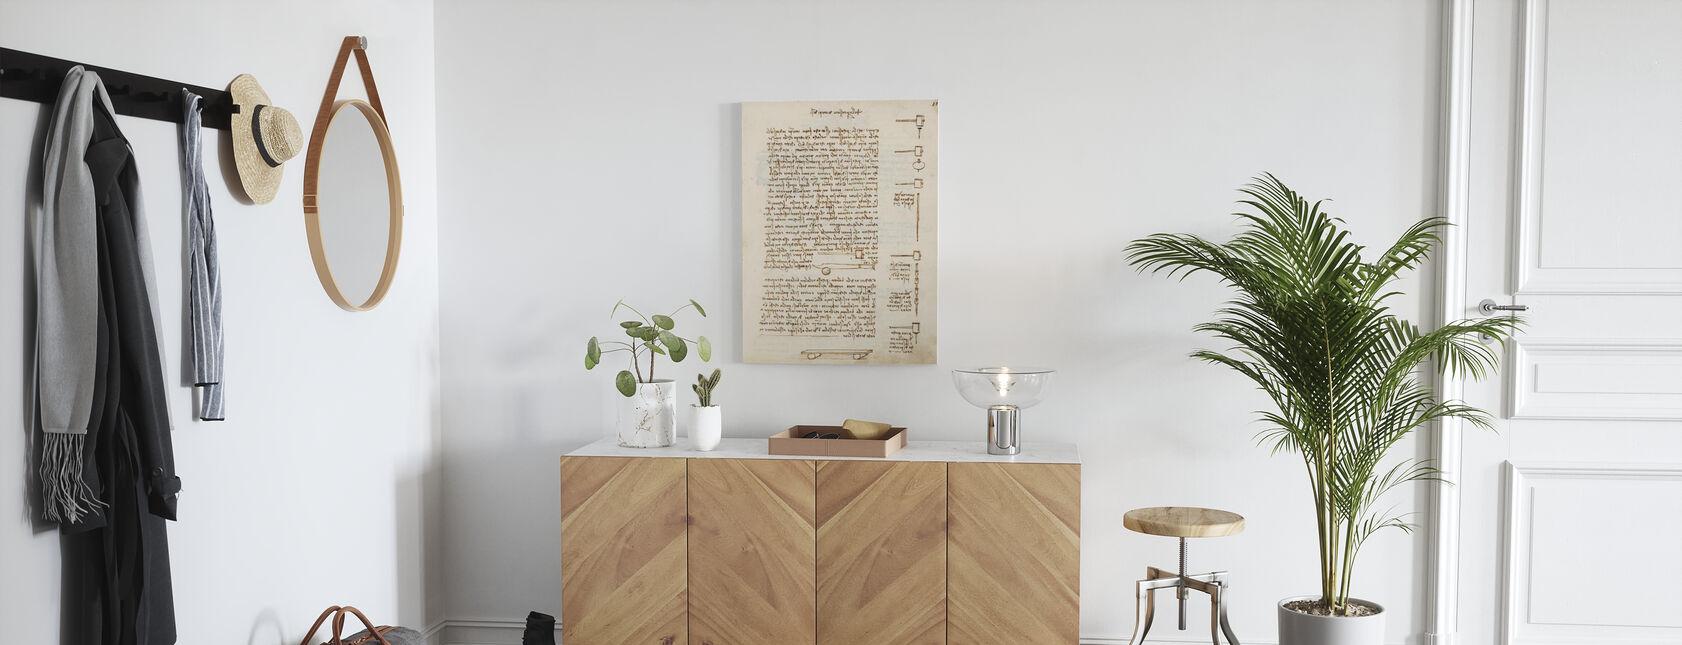 Statics and Mechanics - Leonardo Da Vinci - Canvas print - Hallway